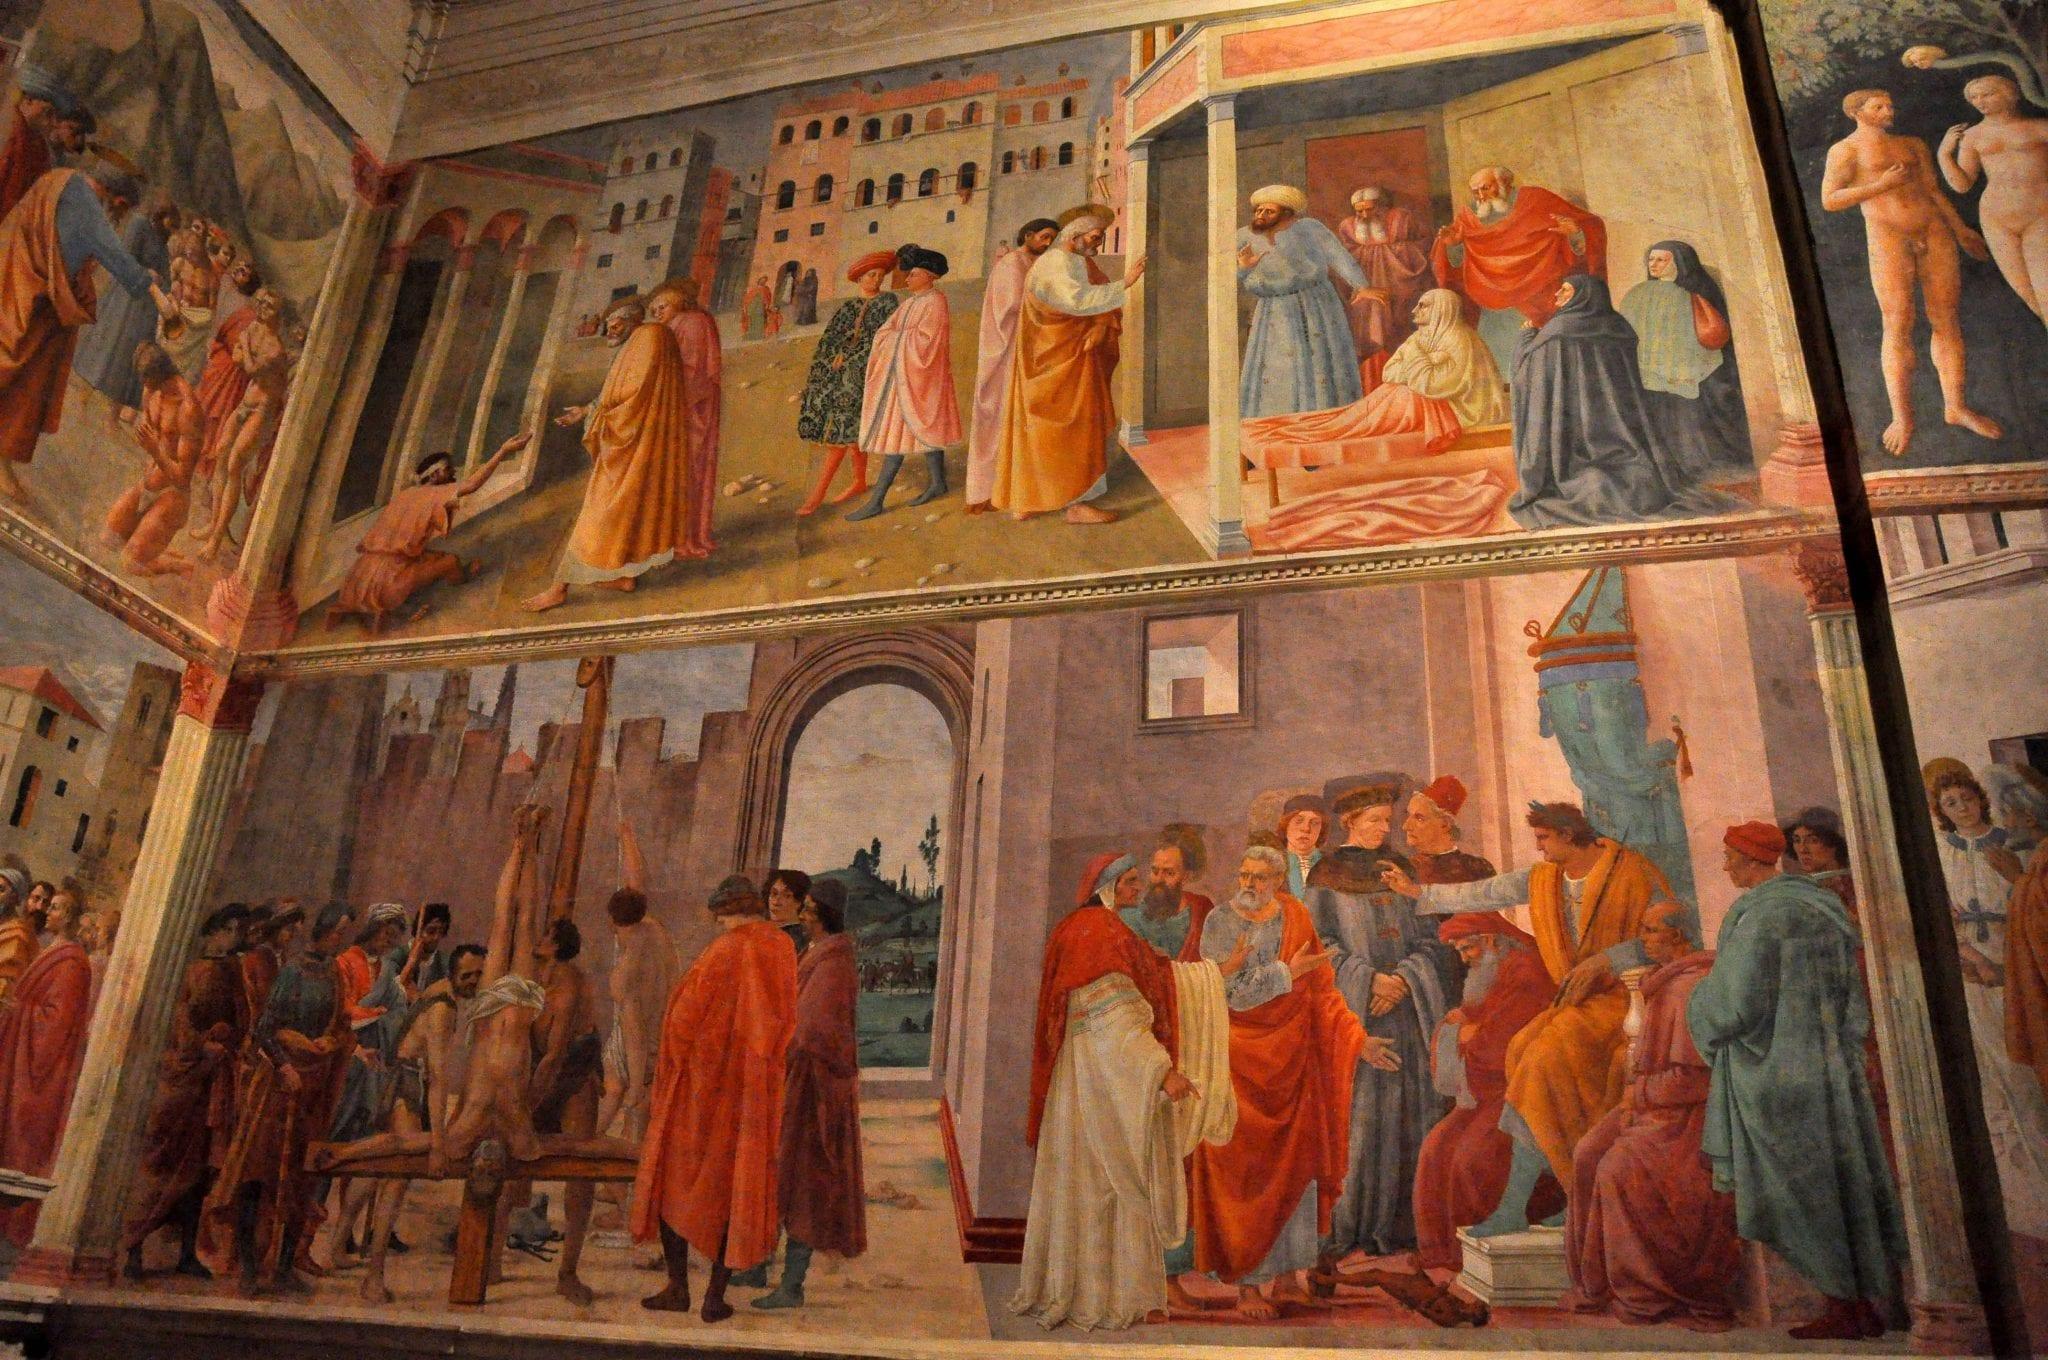 Masaccio frescoes in the Brancacci Chapel